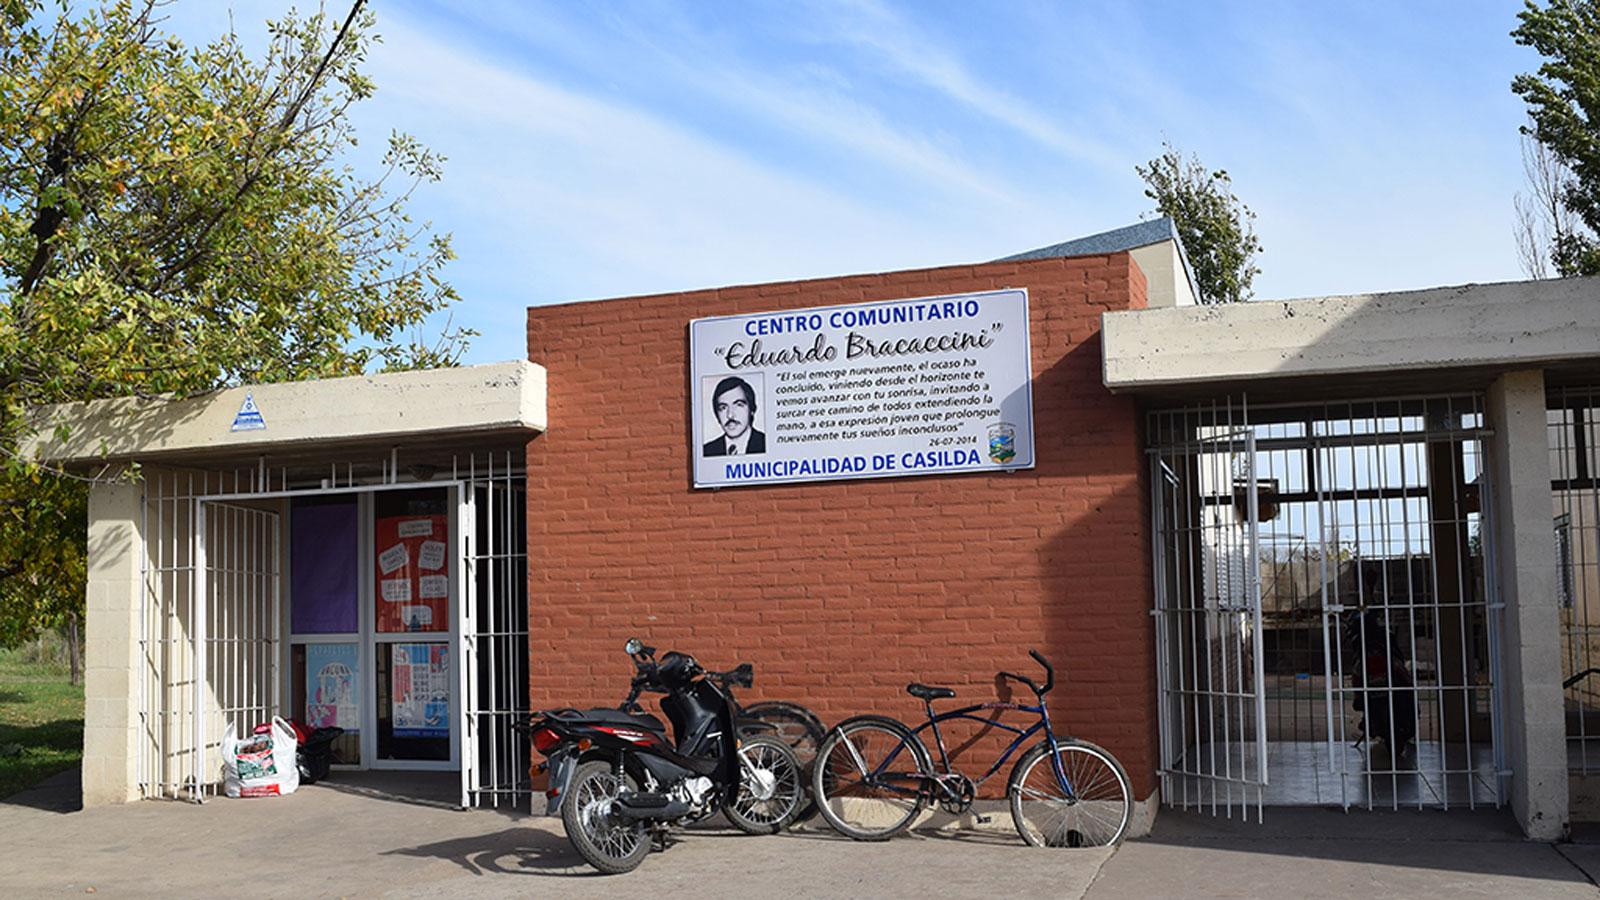 El Centro Comunitario donde se realizó la reunión